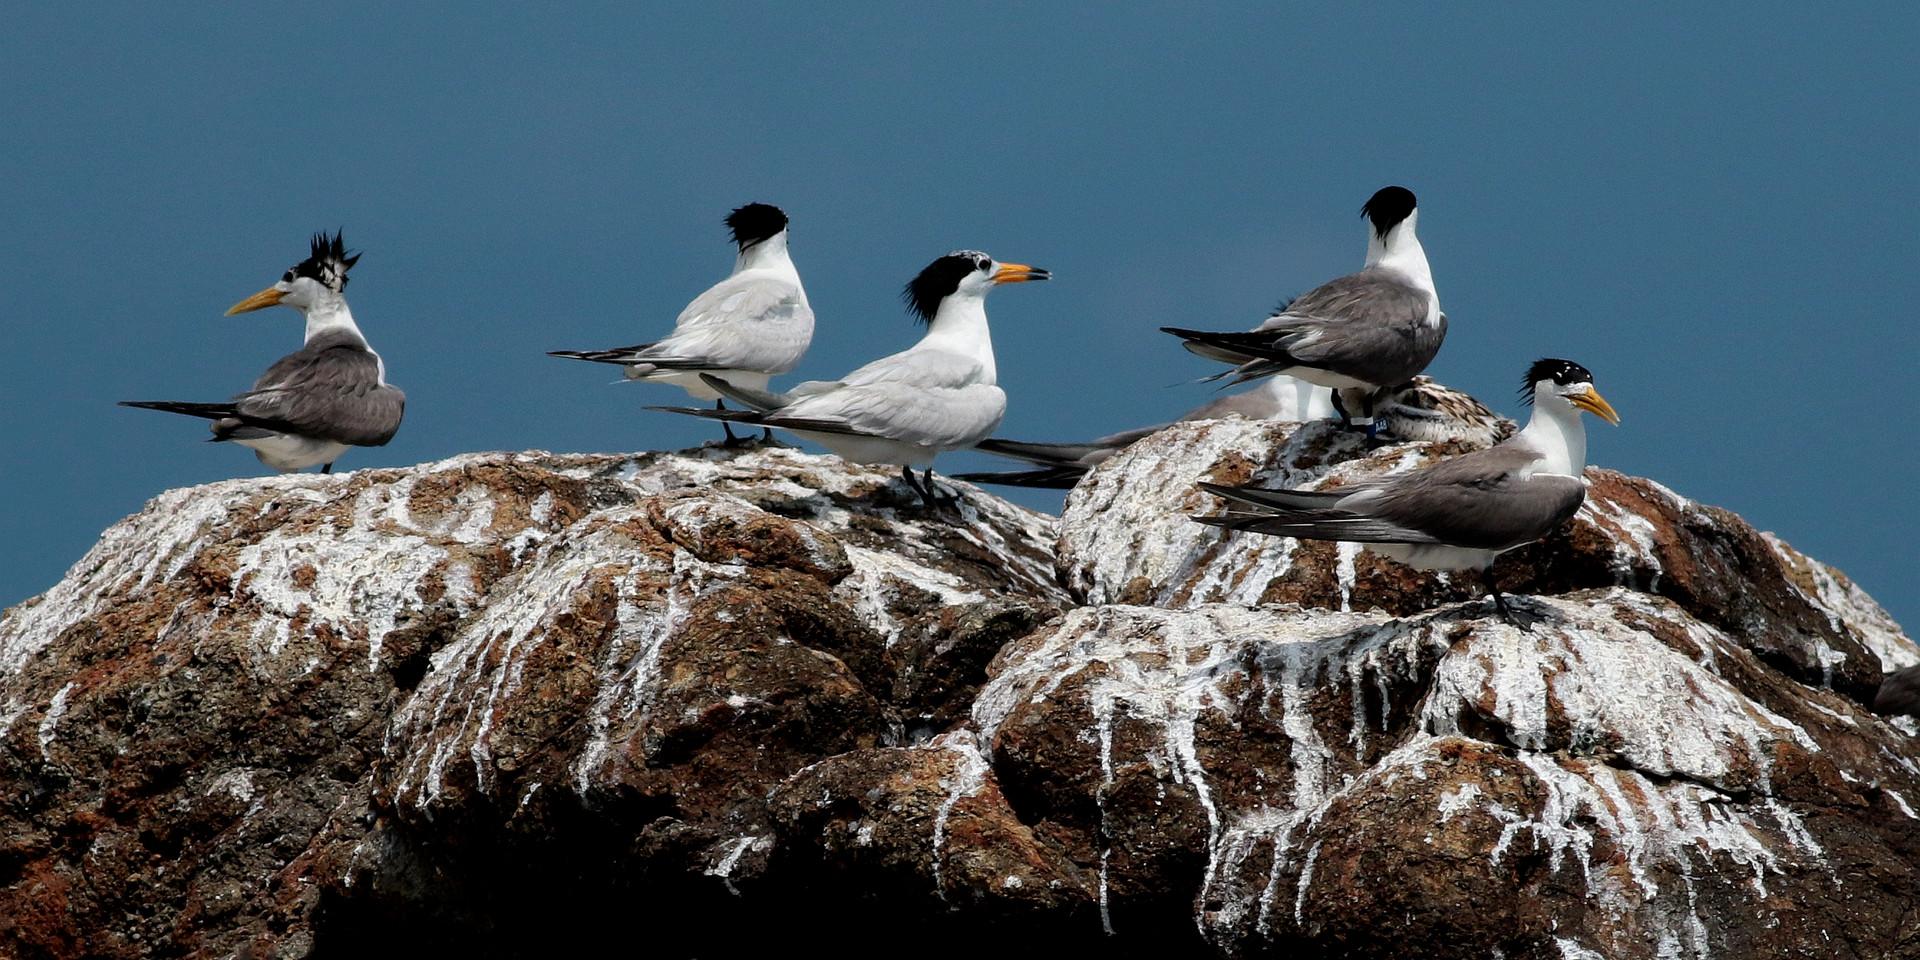 馬祖列島燕鷗保護區